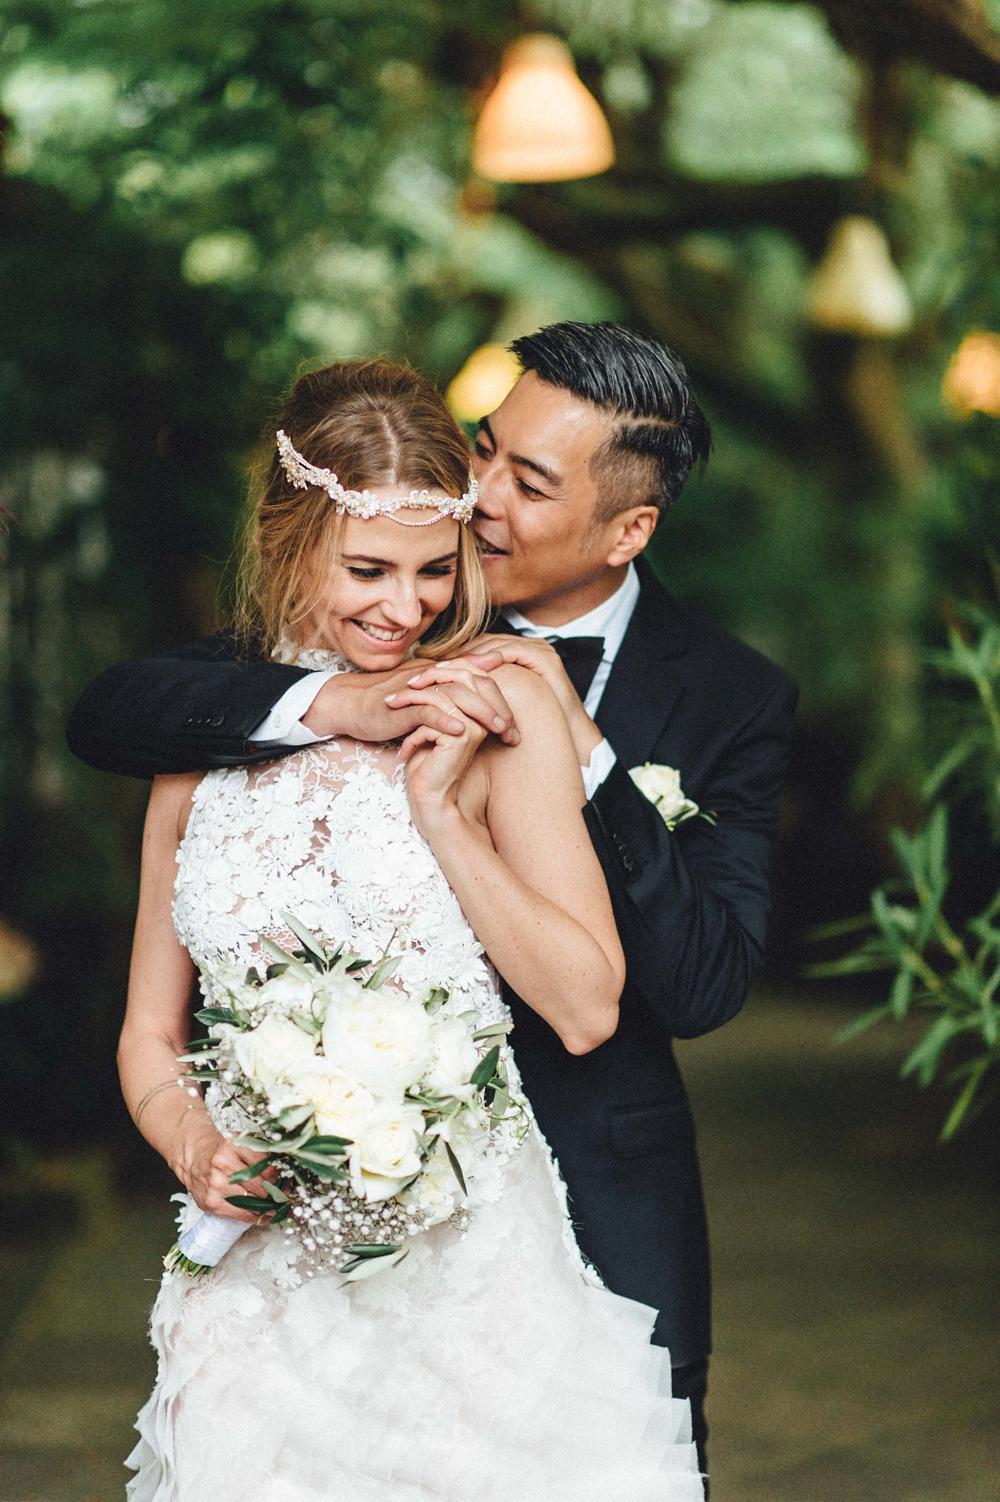 bohemian-emotional-wedding-nrw_1335